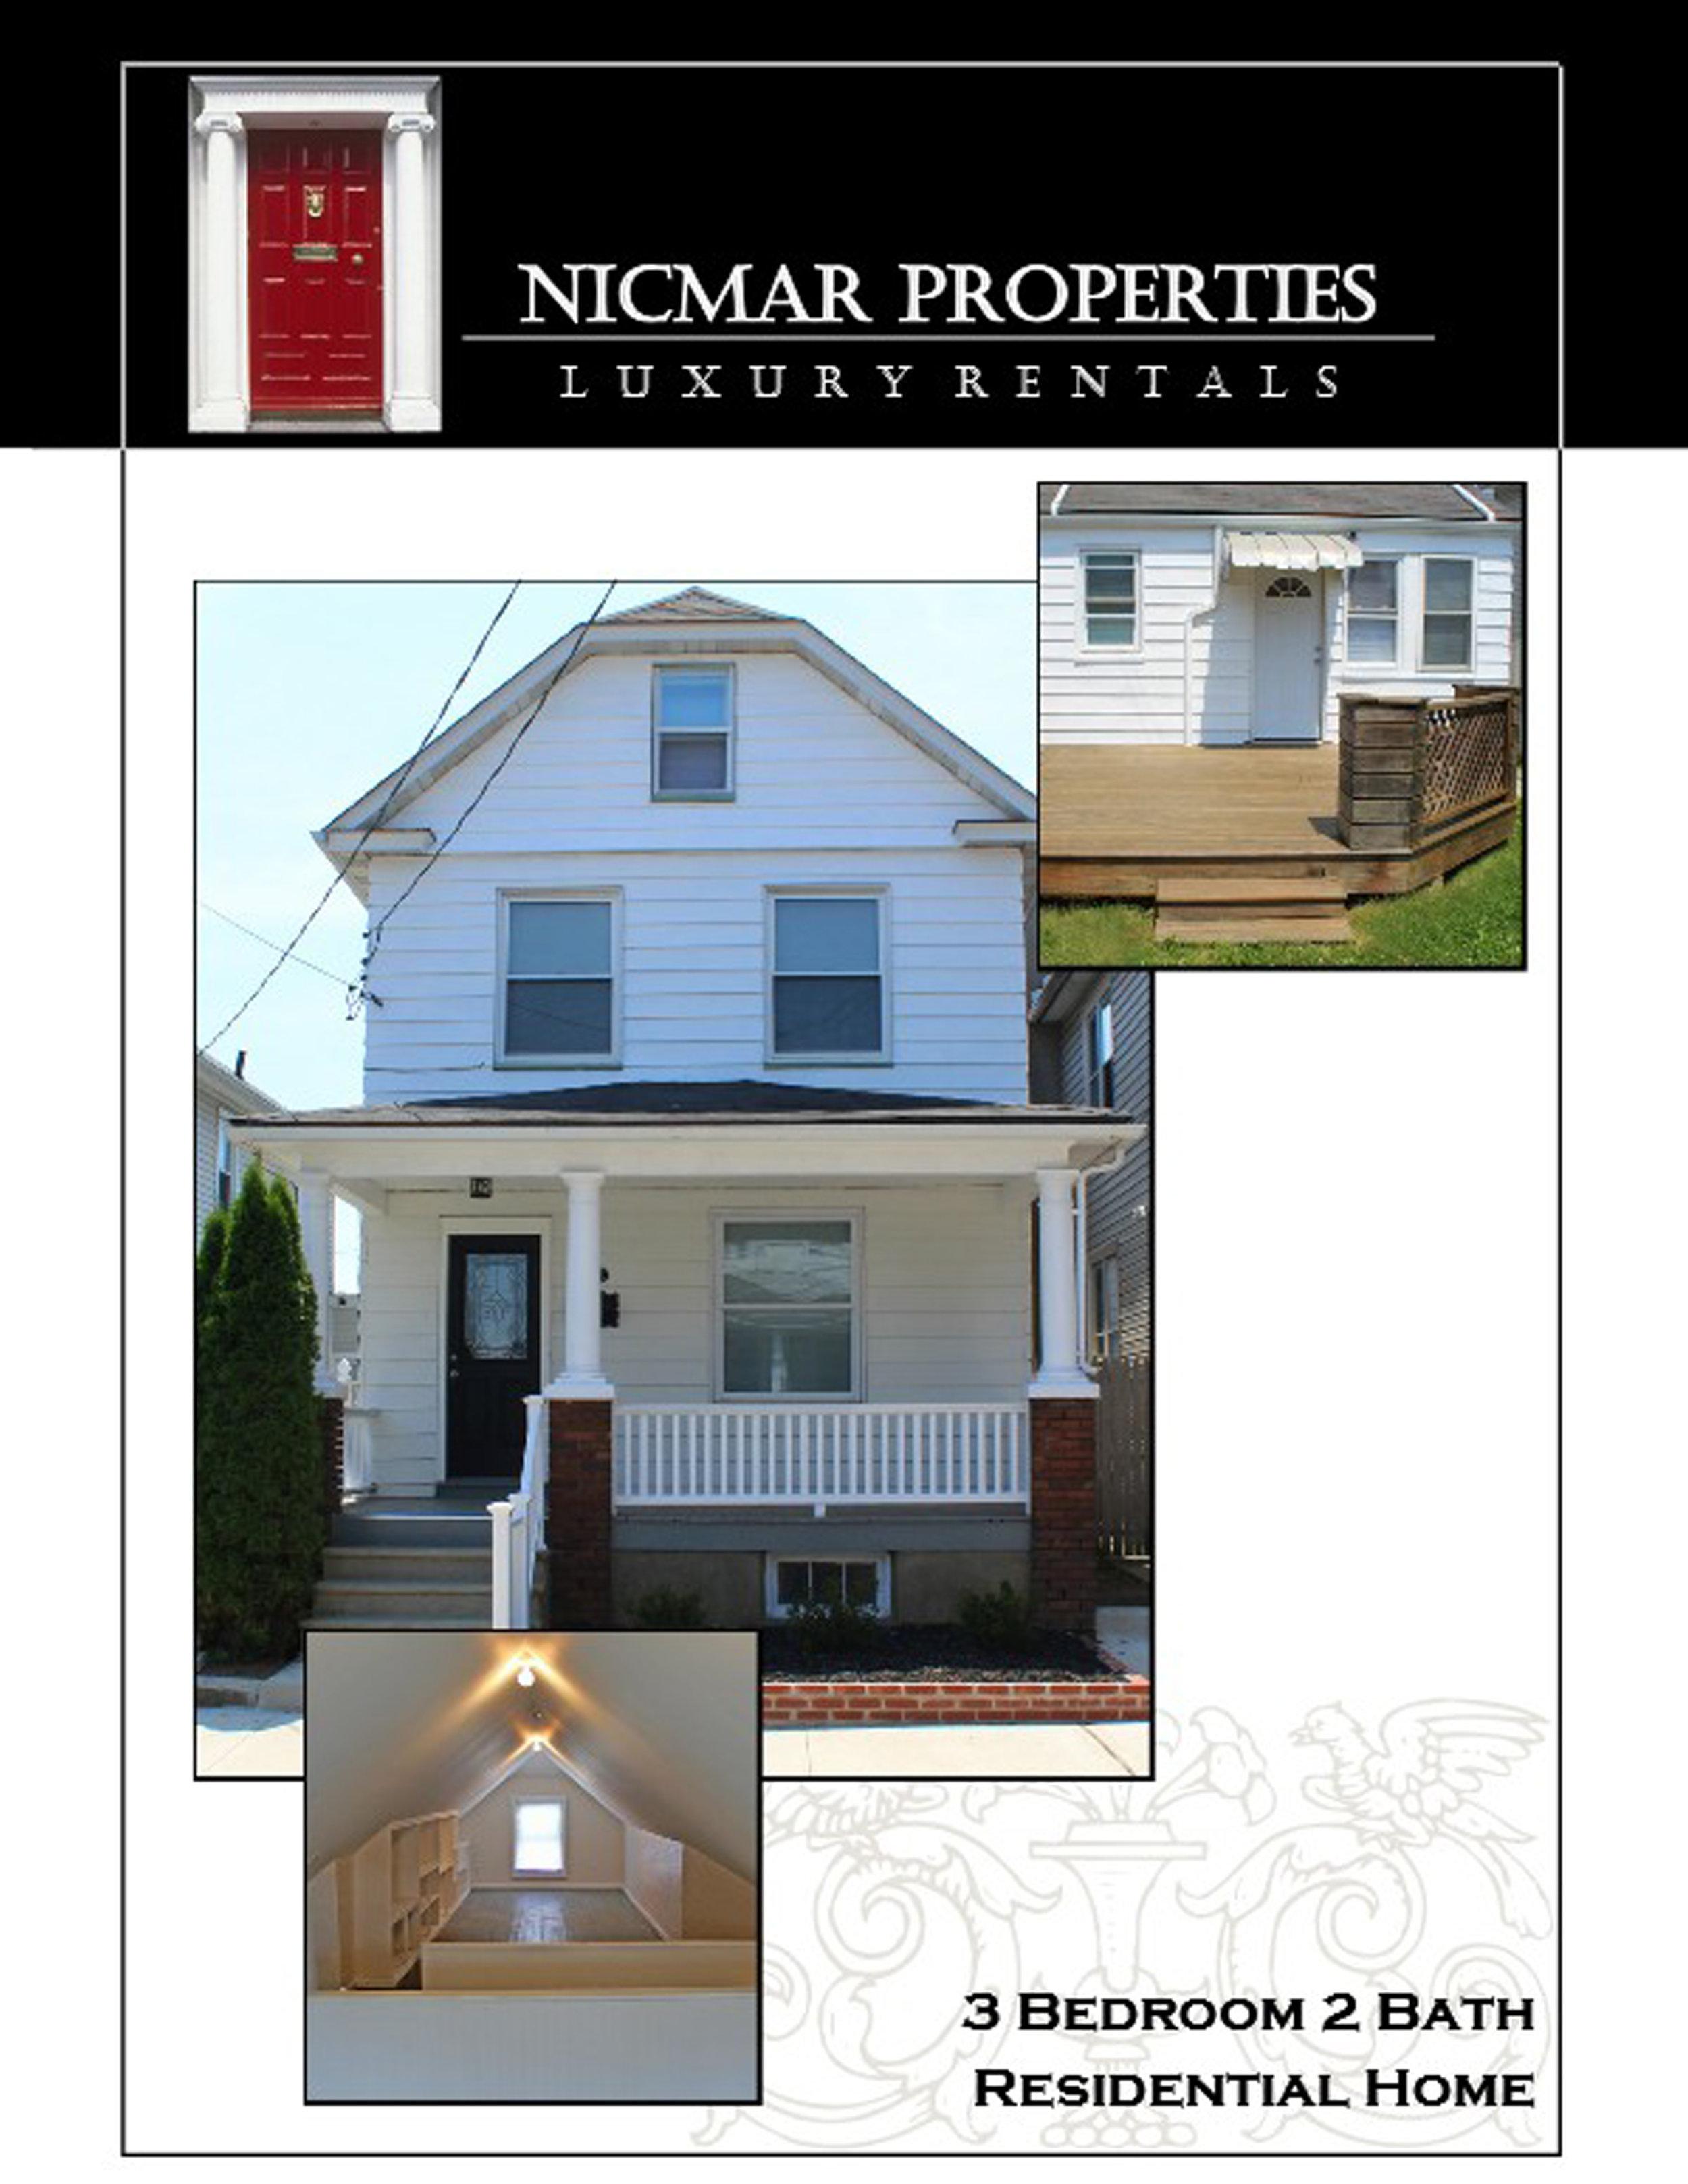 NicMar Luxury Rentals 7 Pic1.jpg